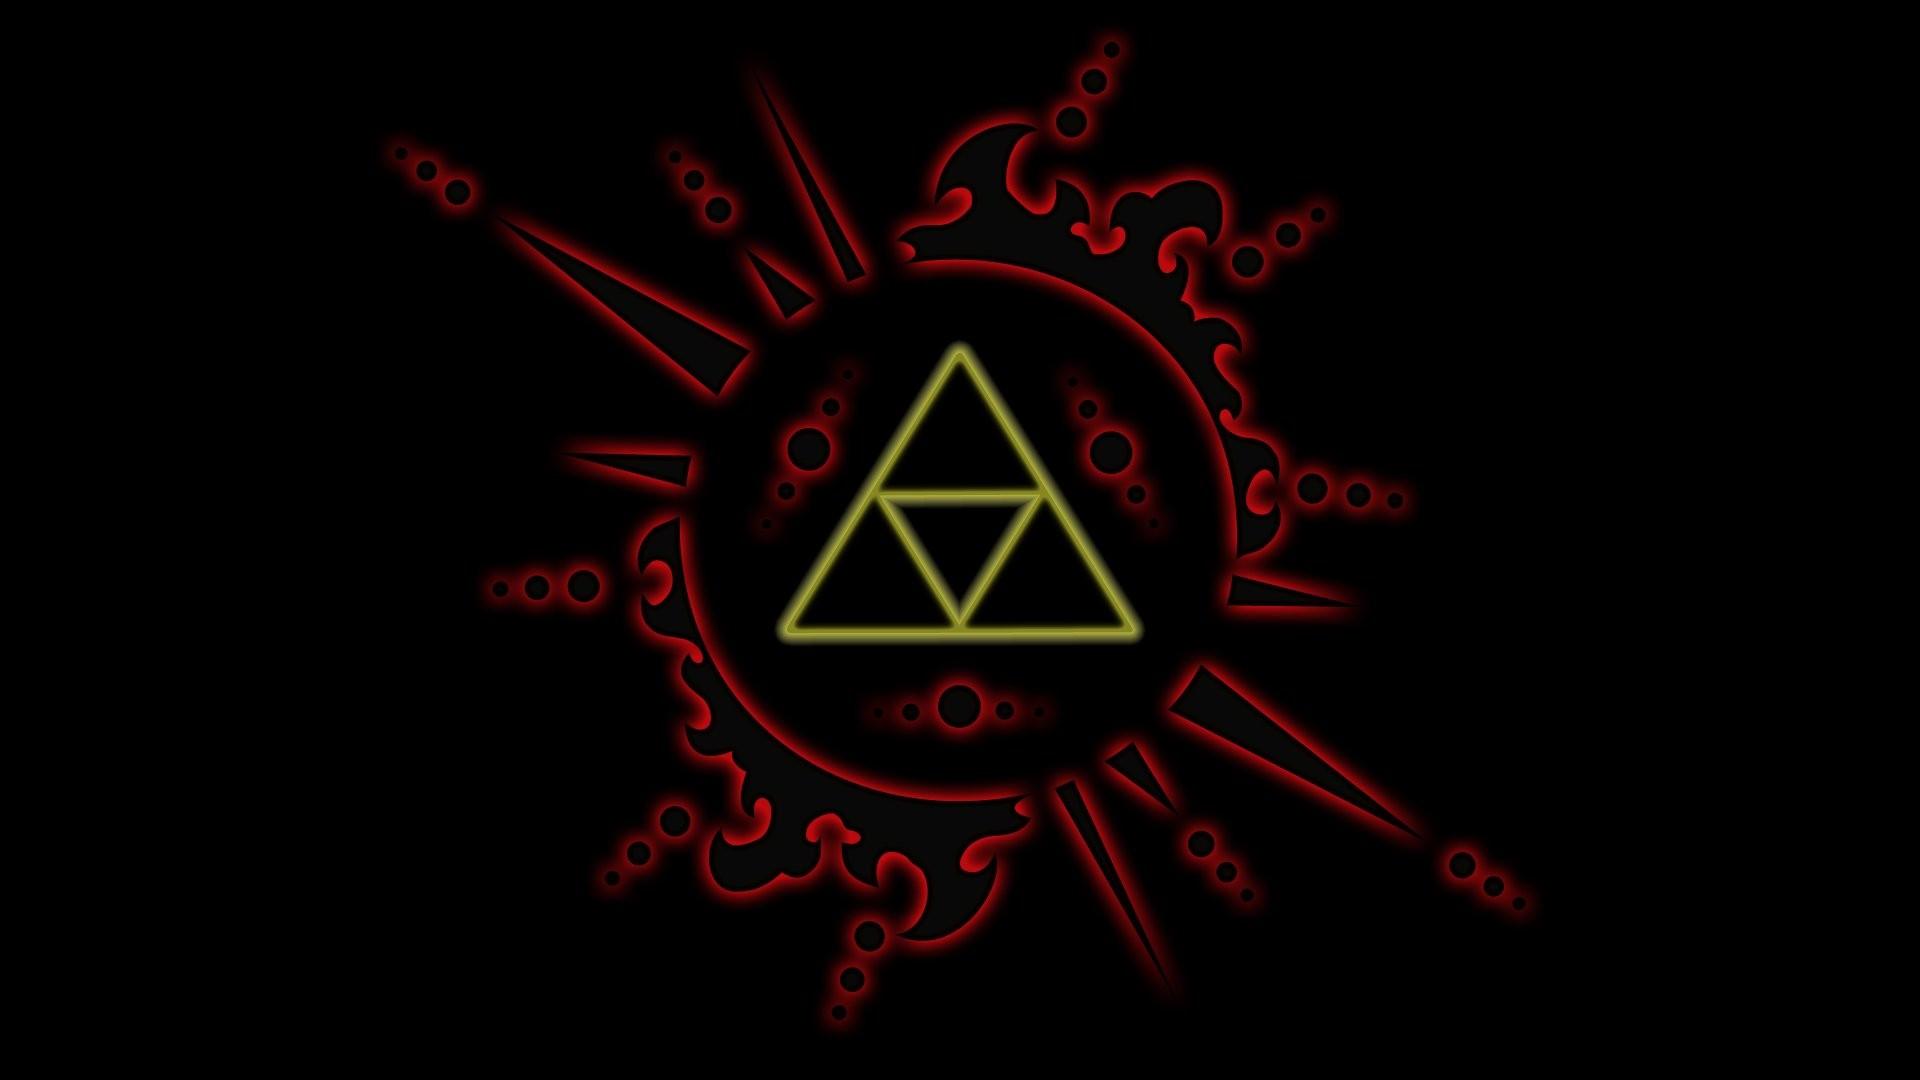 free zelda logo wallpaper | sharovarka | Pinterest | Logos, Zelda .